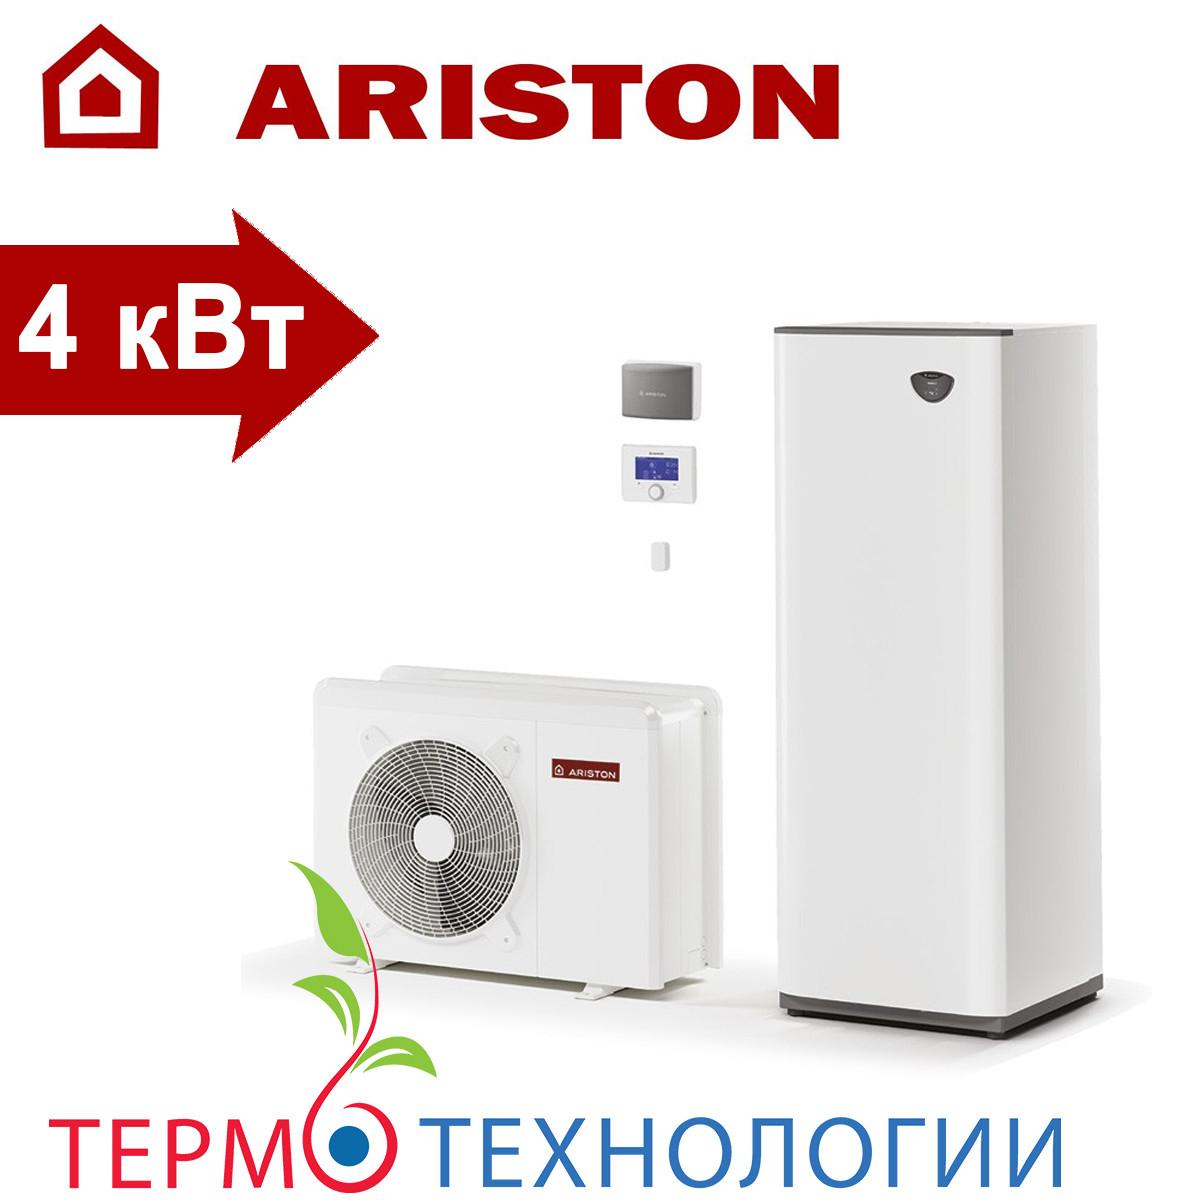 Тепловой насос воздух-вода Ariston compact 4 кВт + гидравлический модуль и бак на 180 л